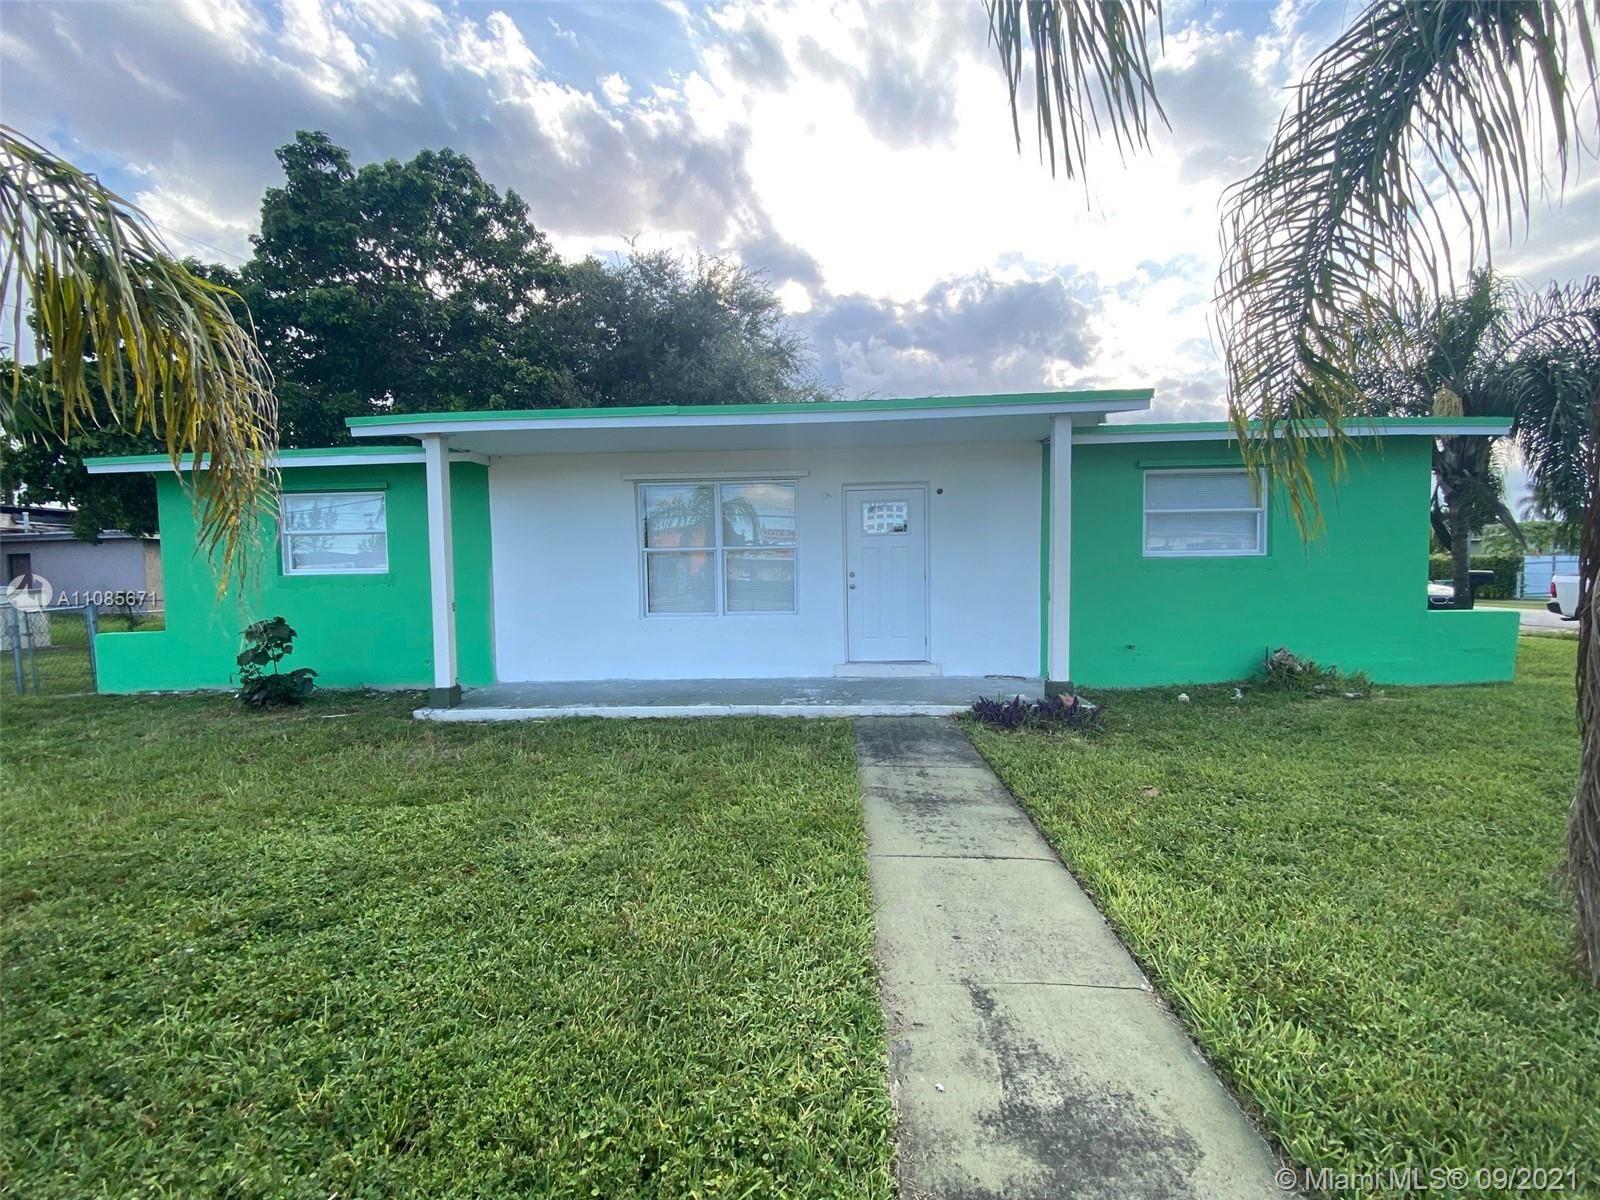 2200 NW 120th St, Miami, FL 33167 - #: A11085671